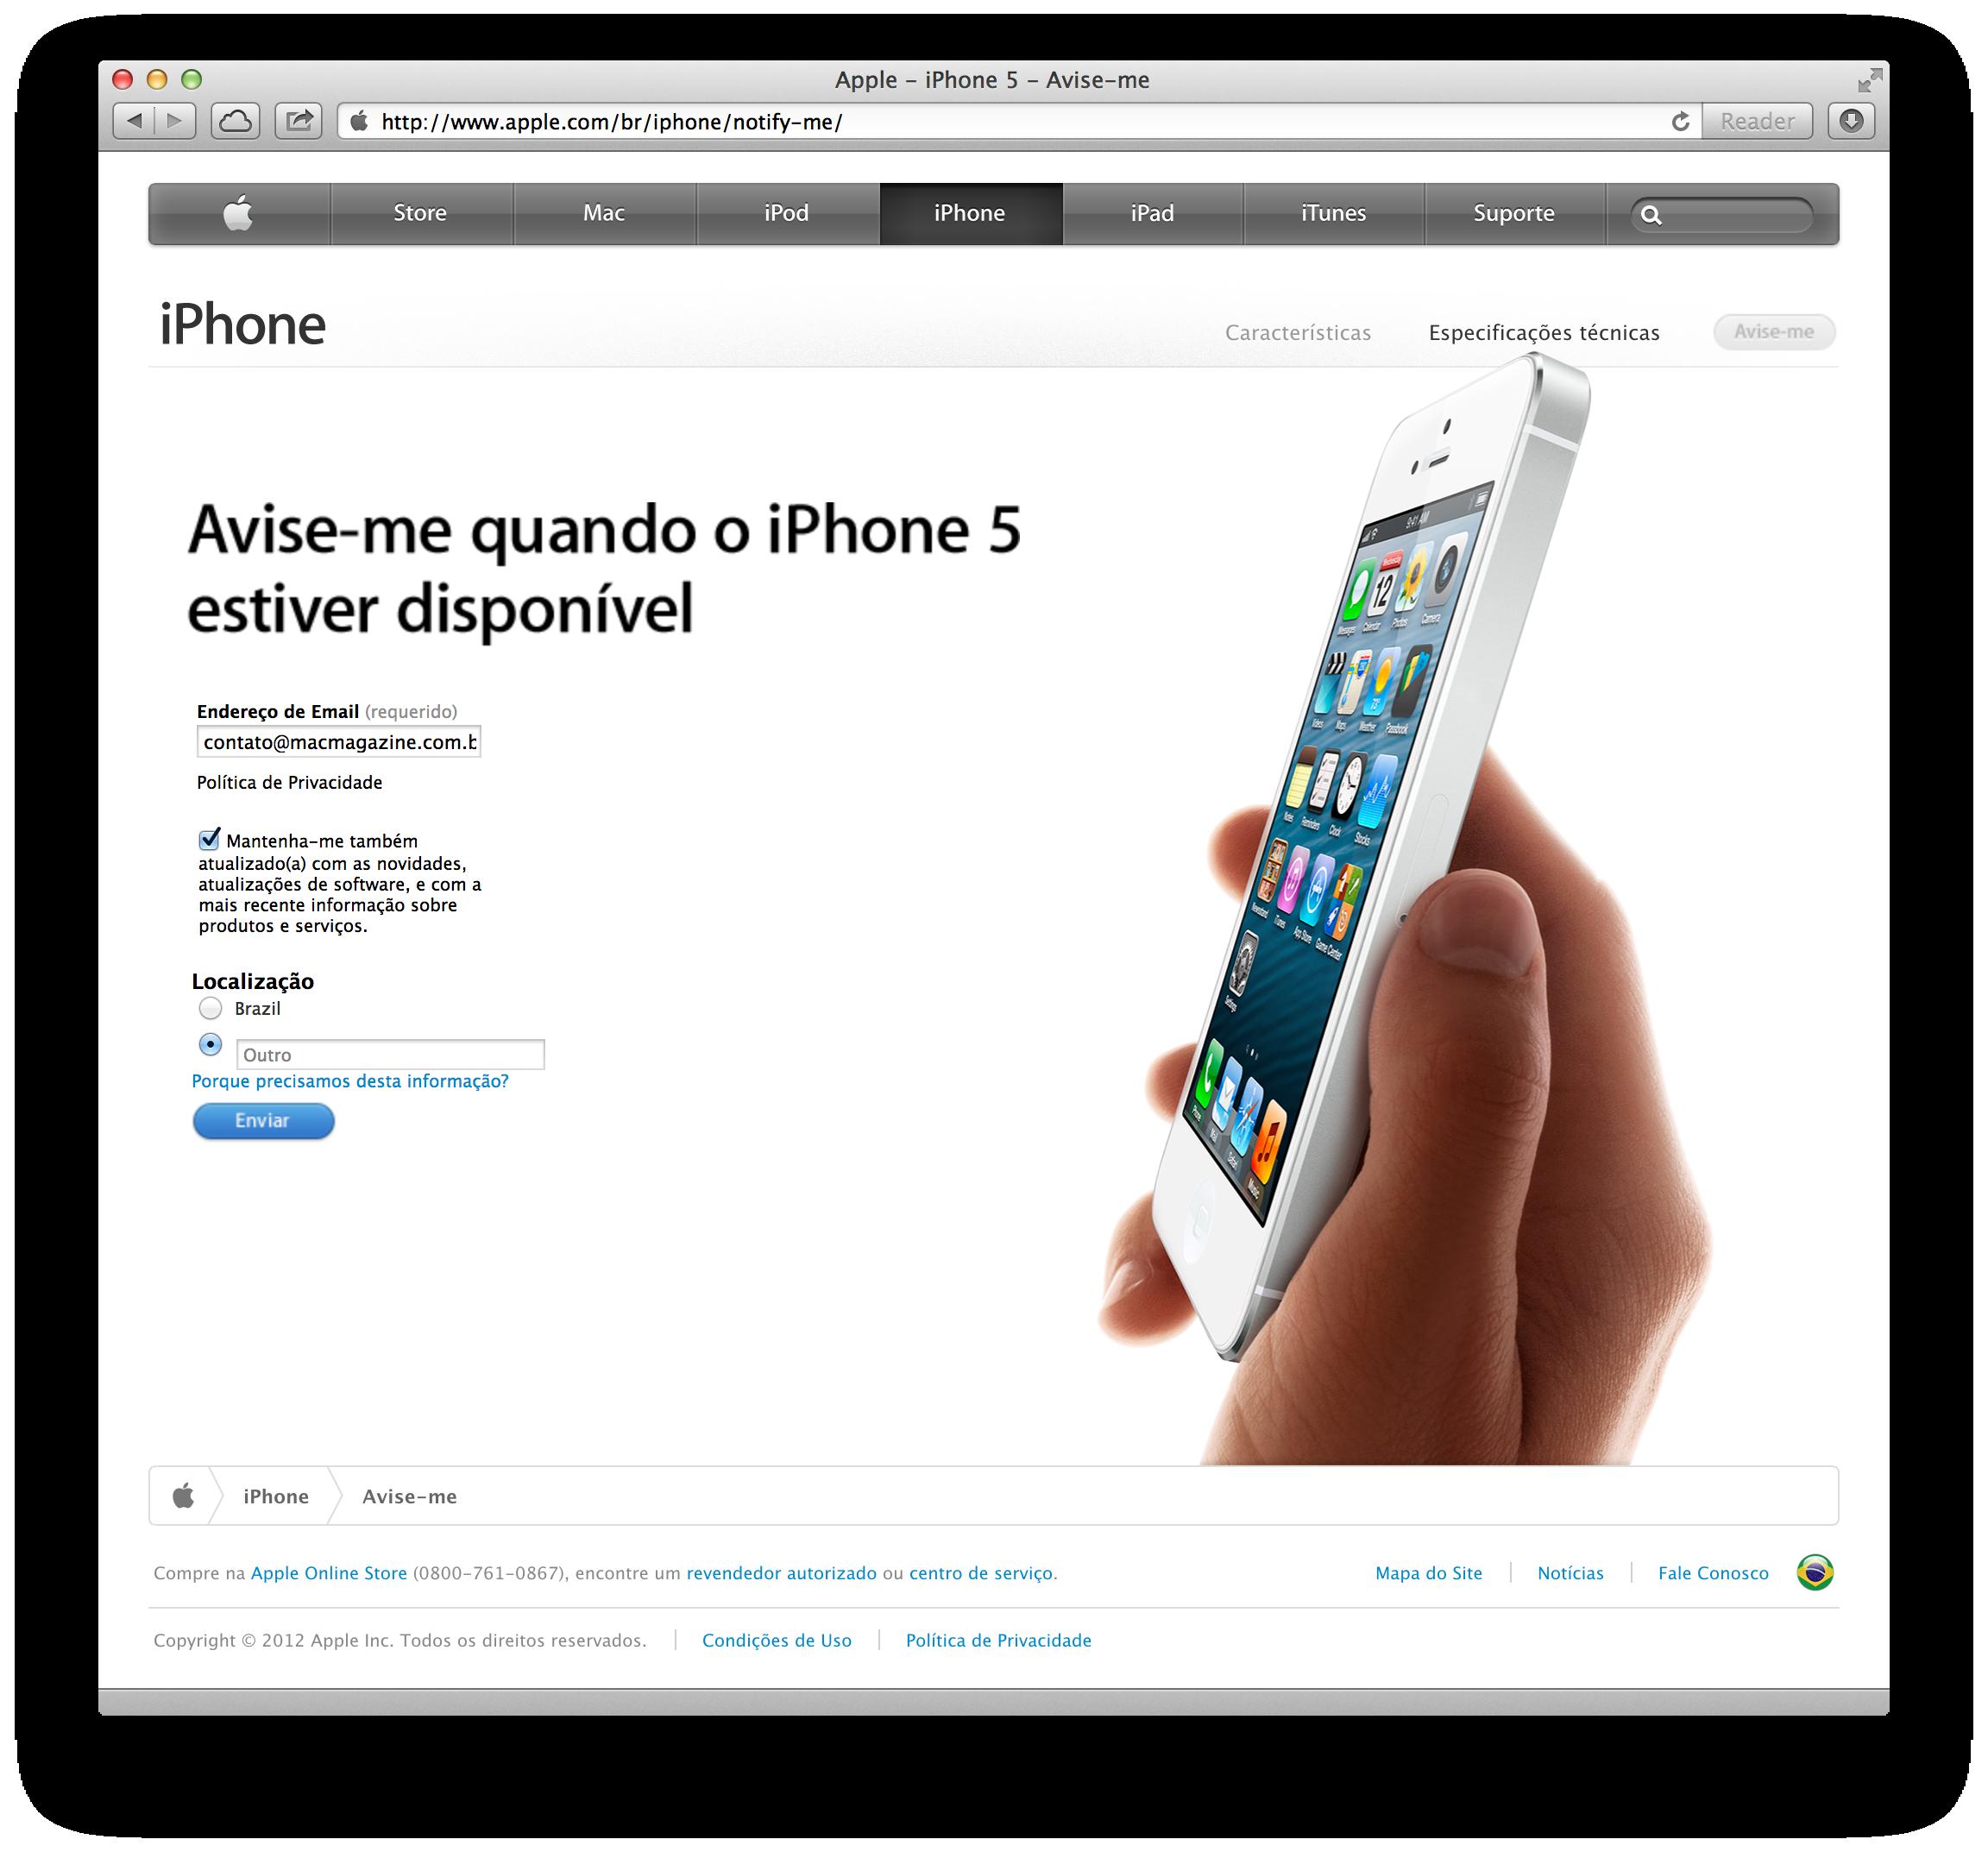 Cadastro para interessados no iPhone 5